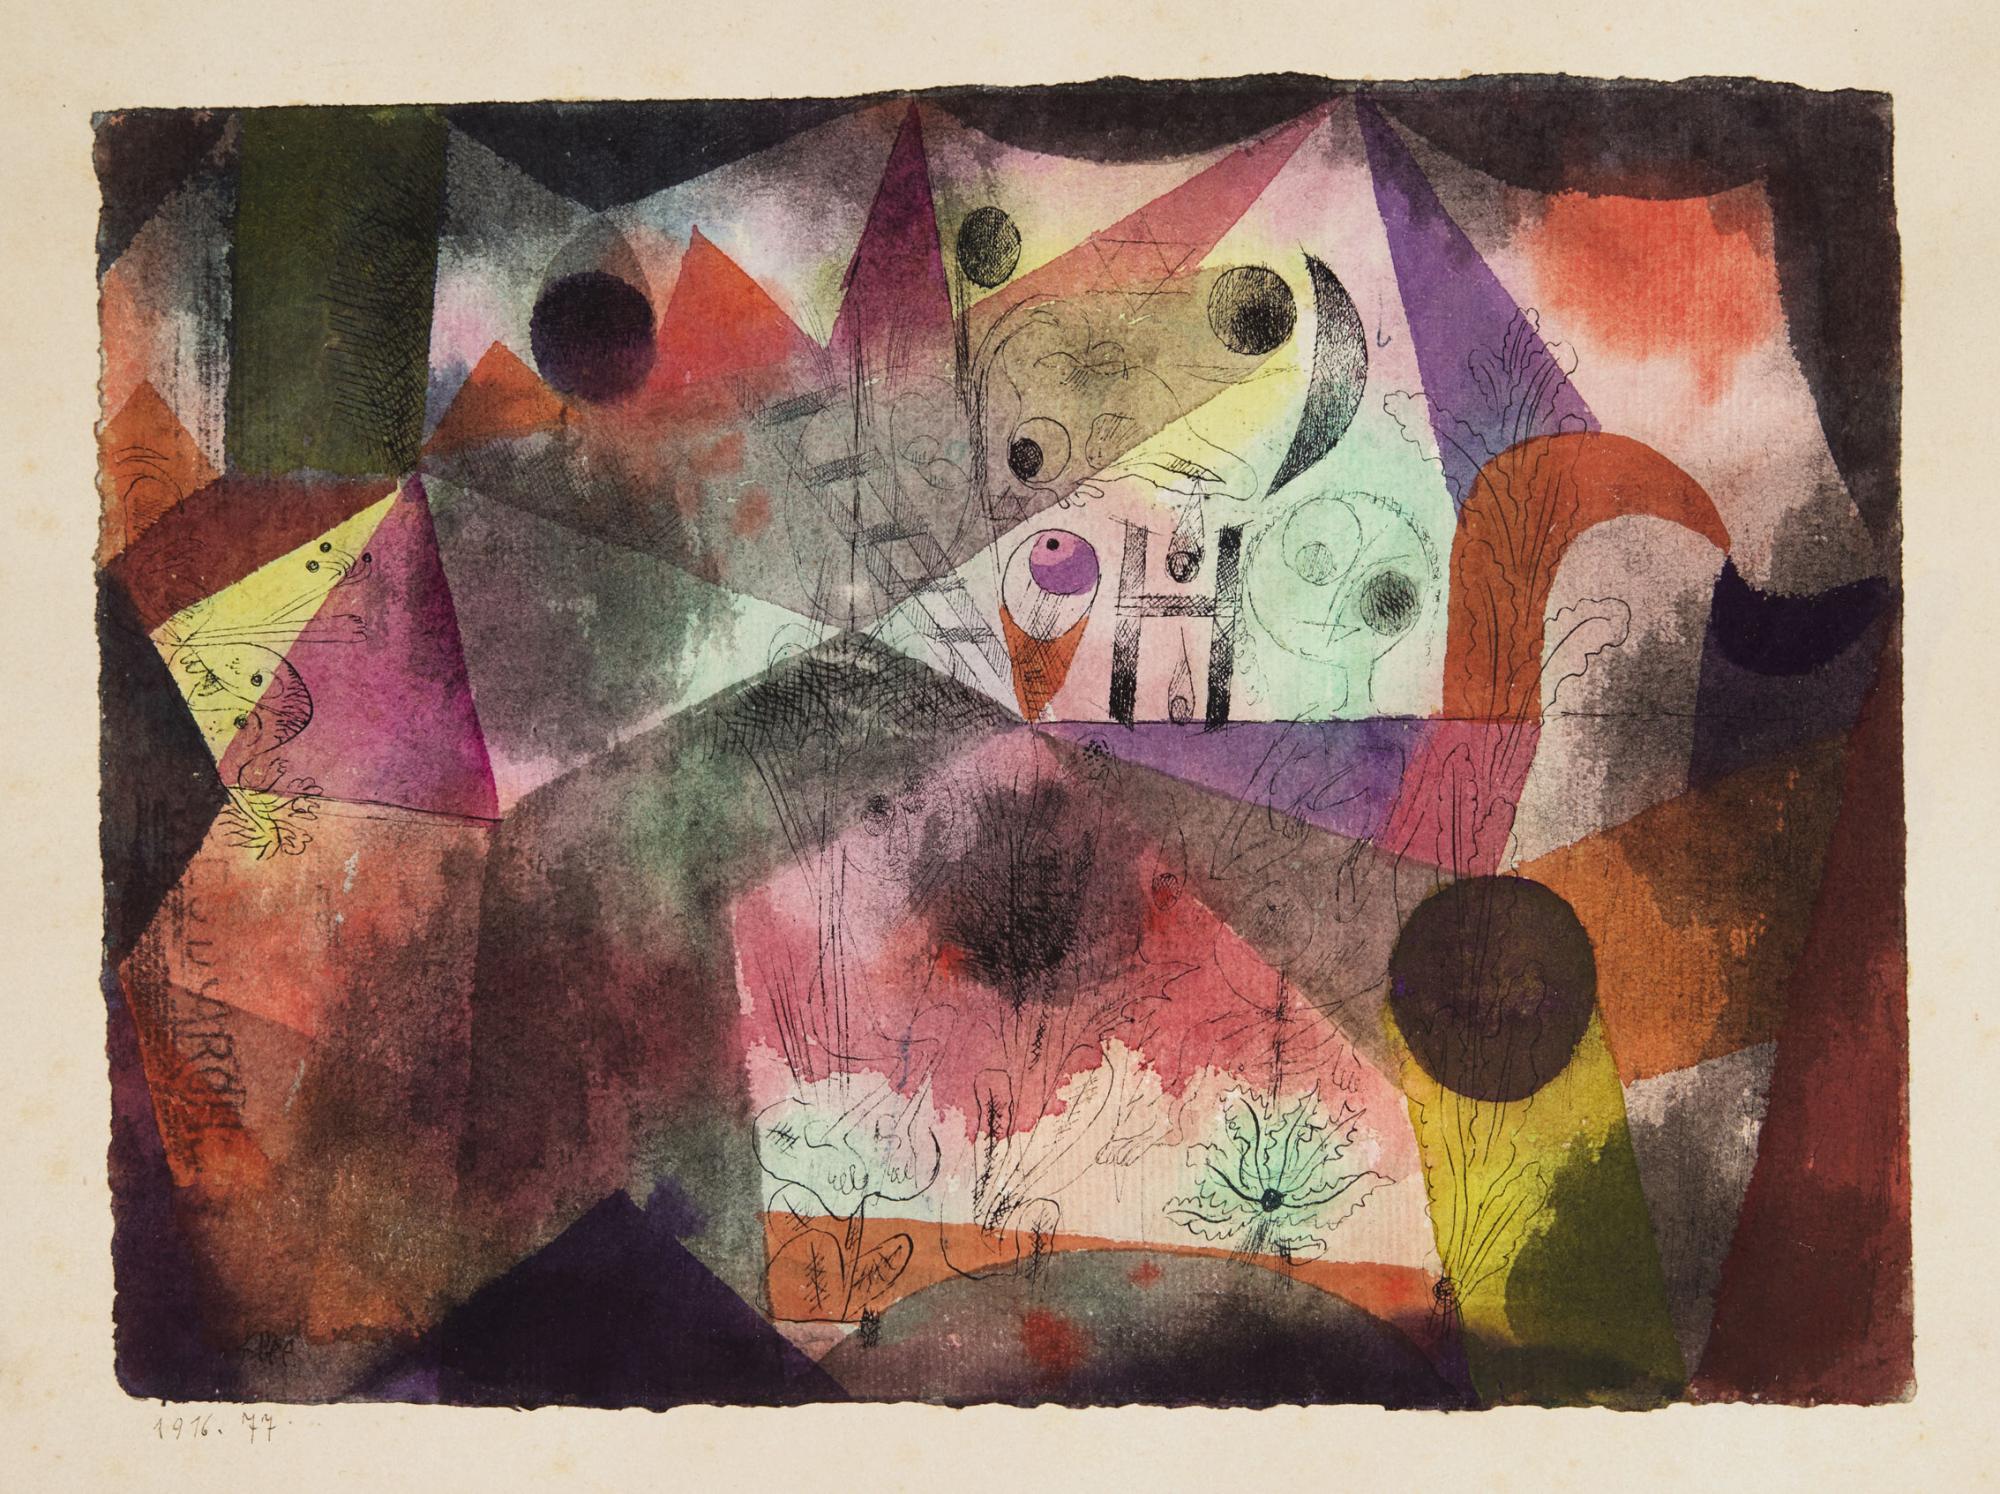 Lot-103,-Paul-Klee,-Mit-dem-H-(With-the-H),-est.jpg